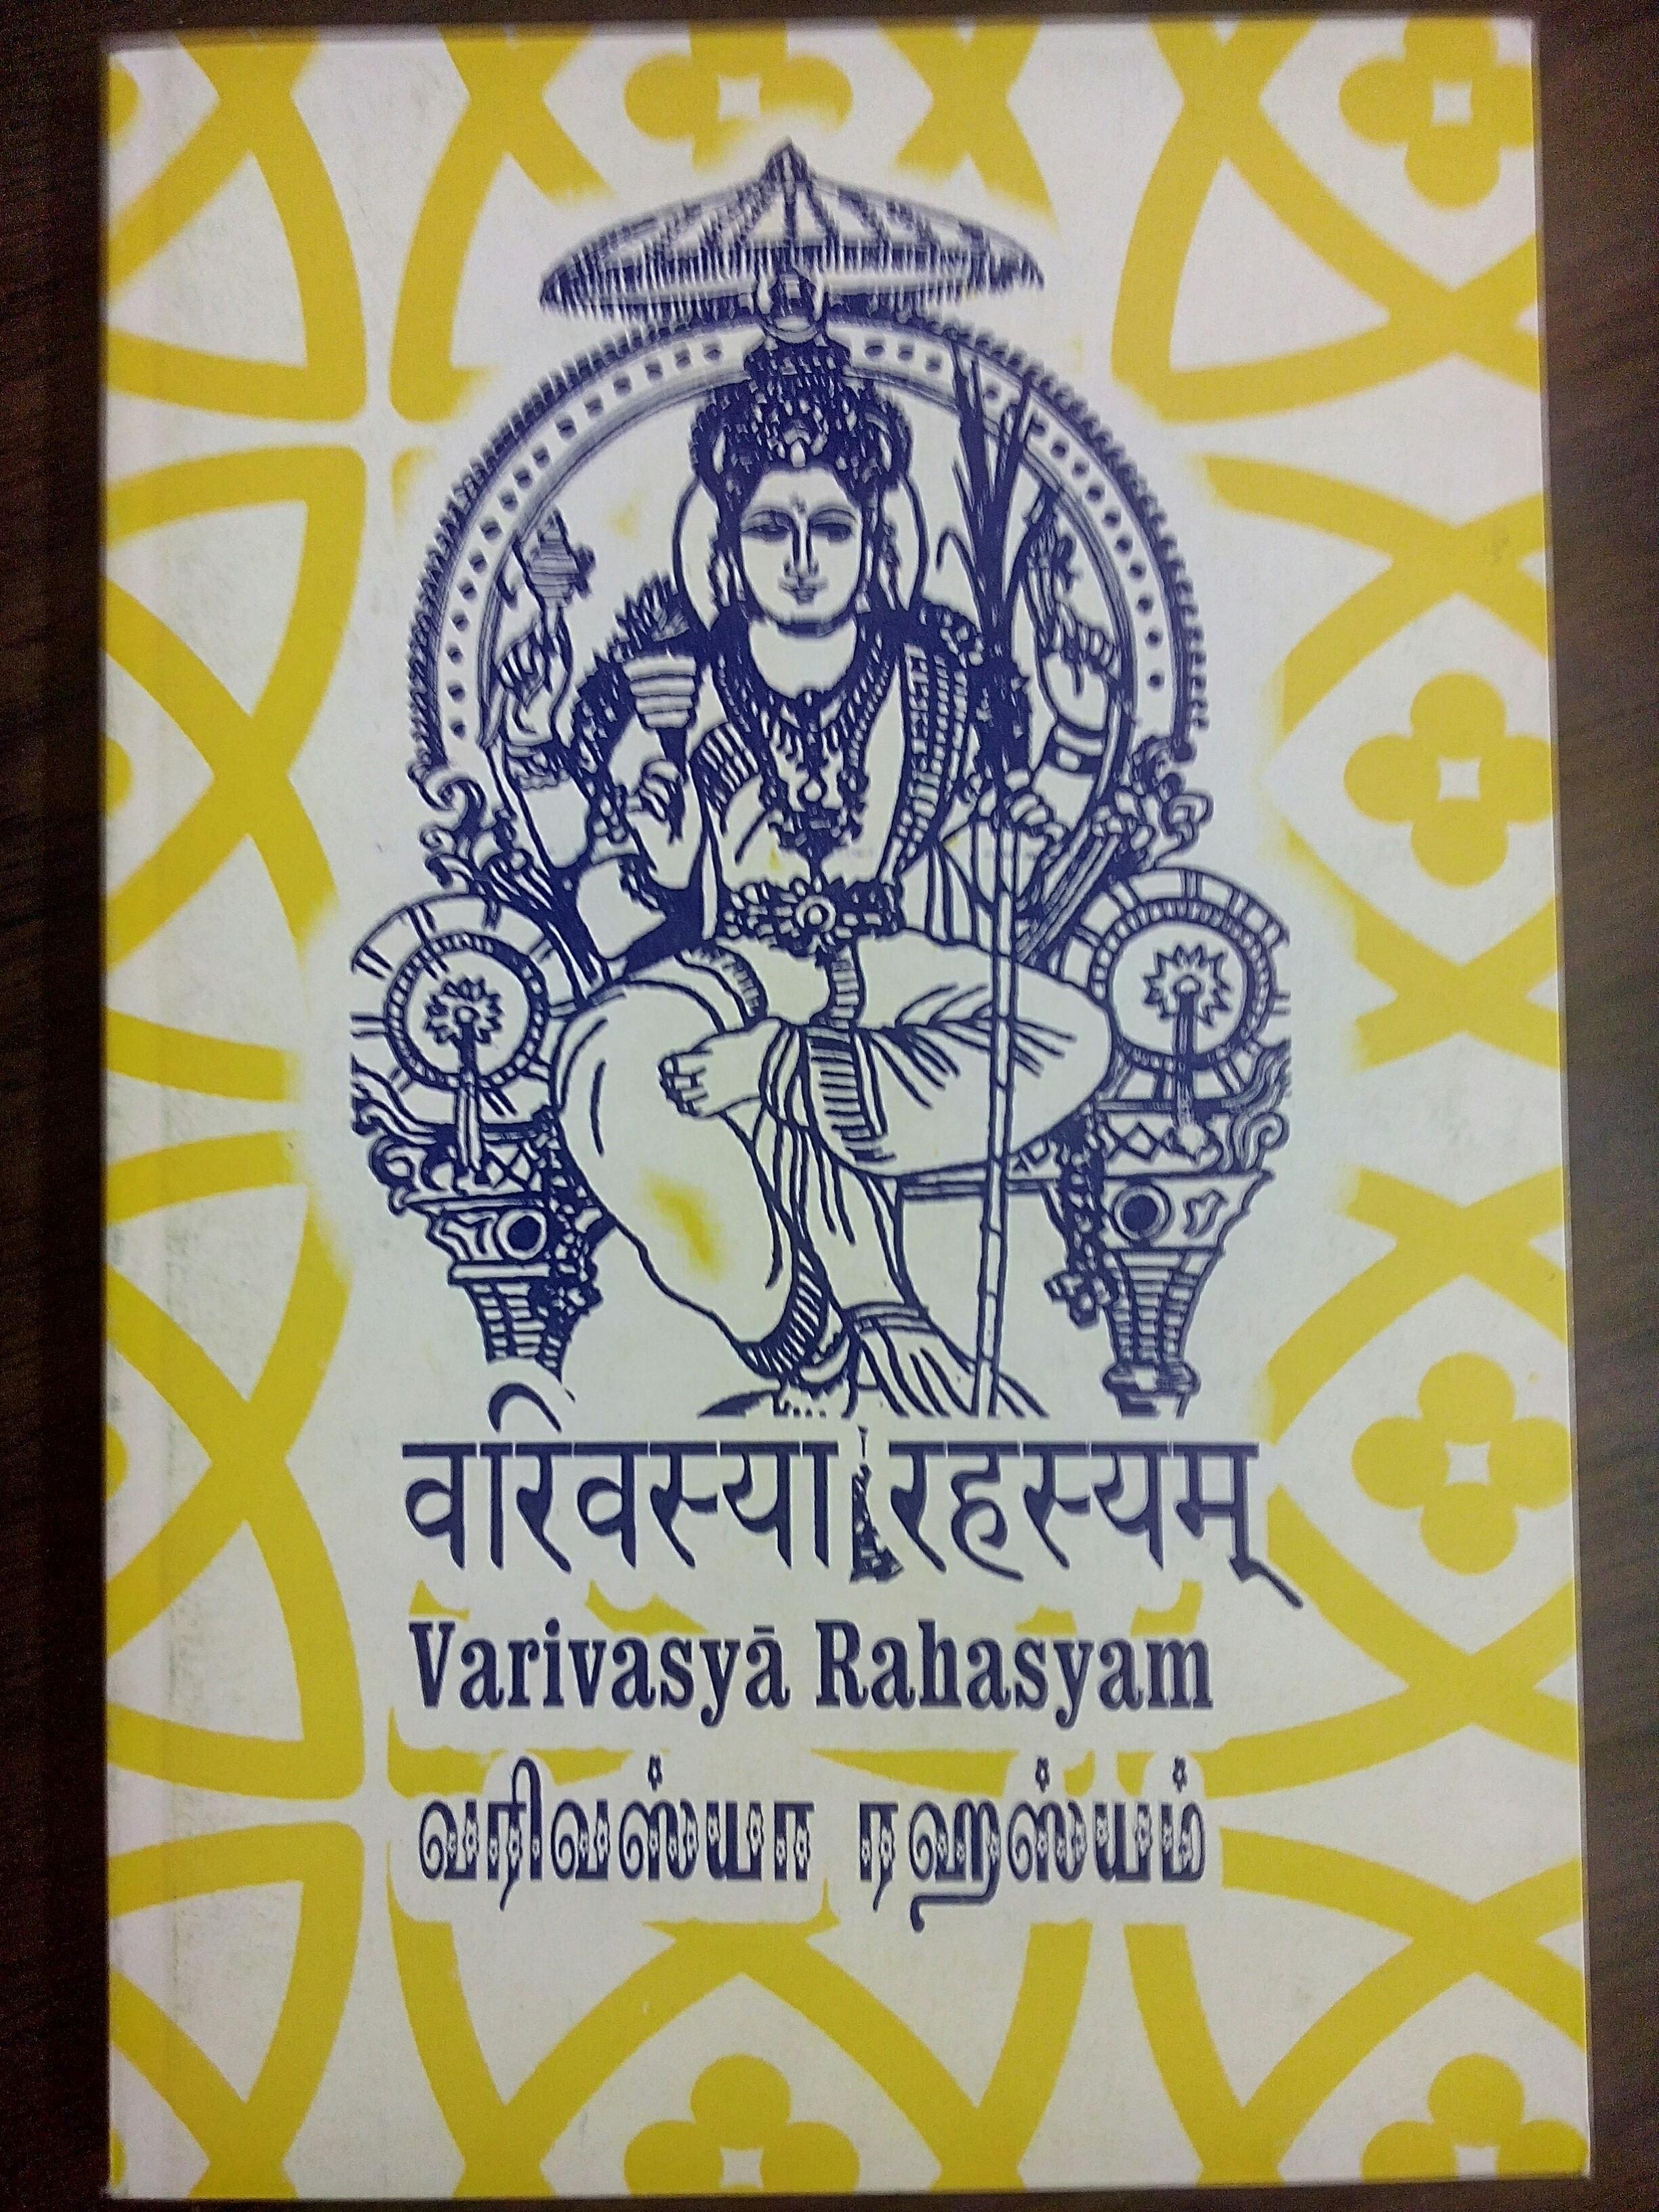 வரிவஸ்யா ரஹஸ்யம்